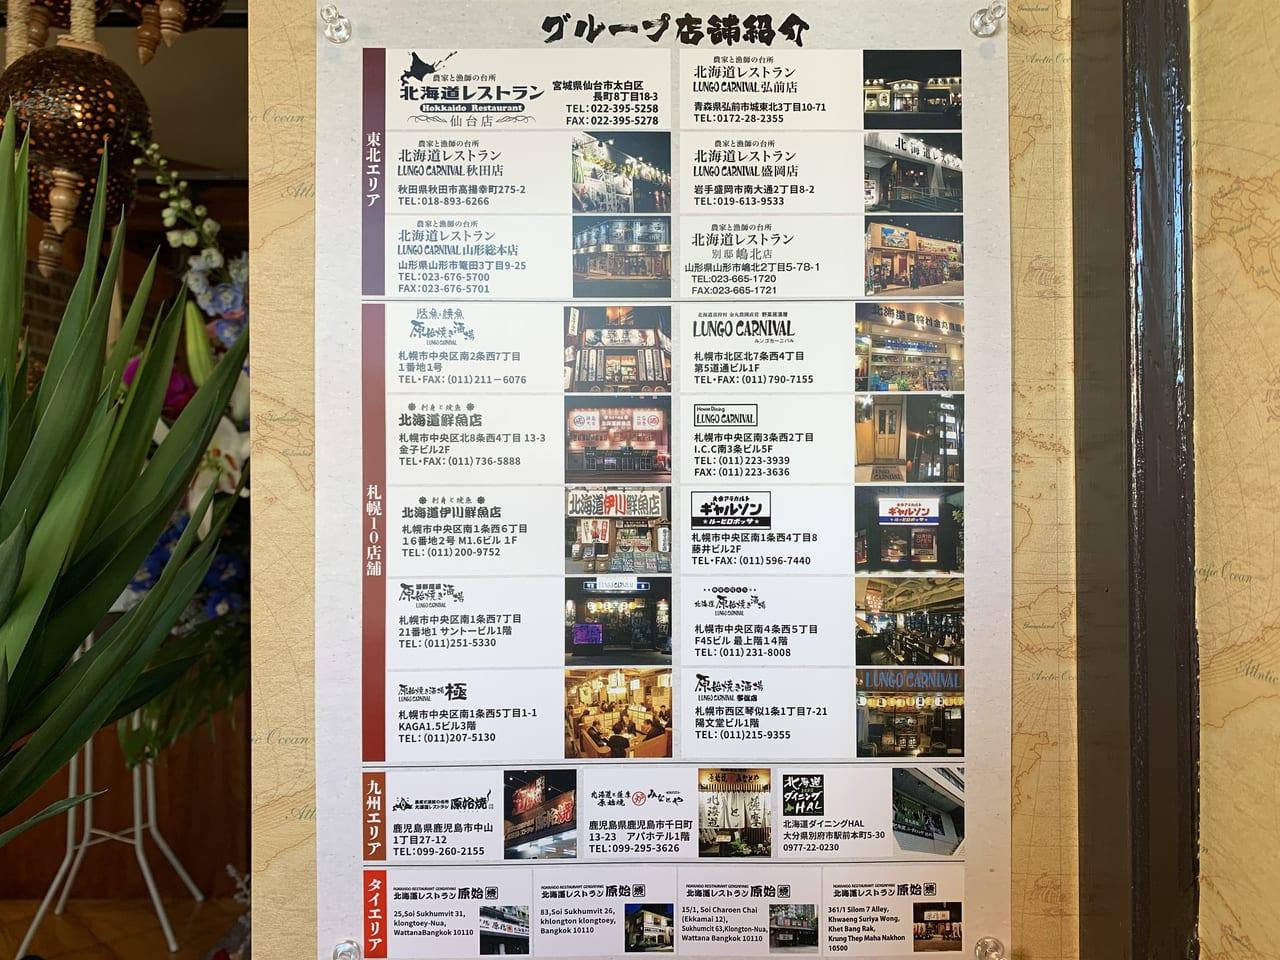 北海道レストラン店舗一覧